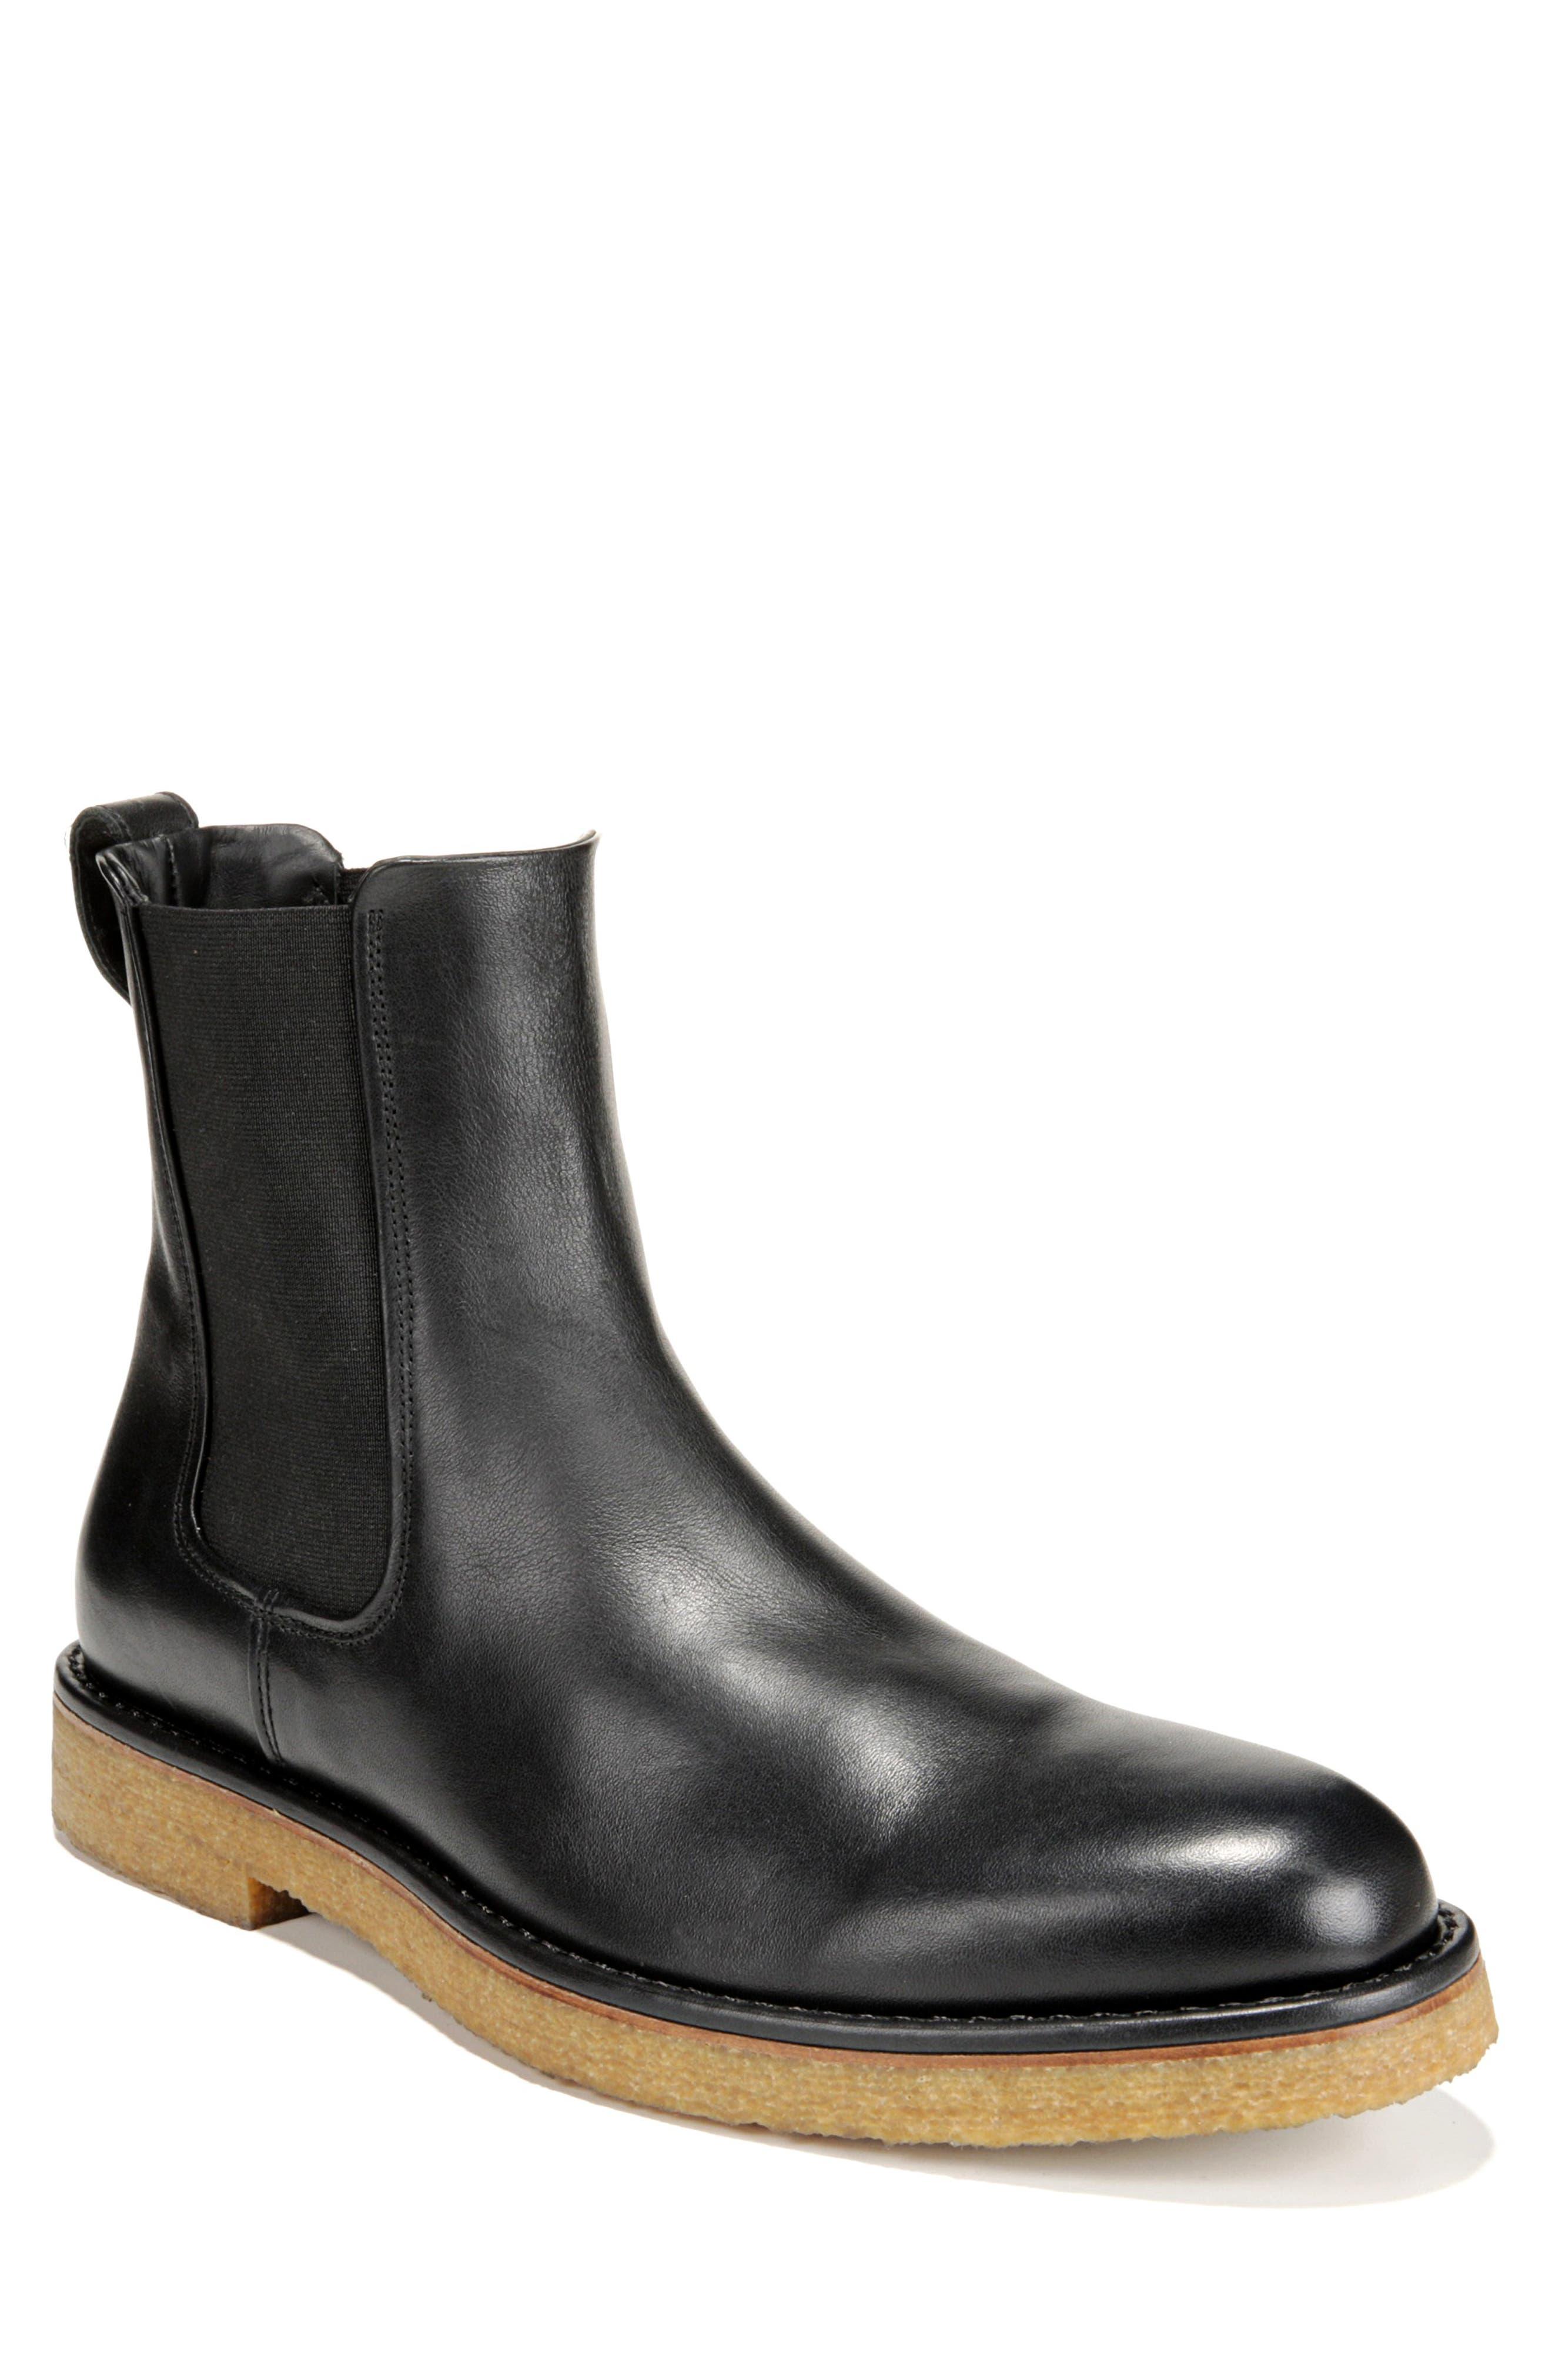 Cresslor Chelsea Boot,                         Main,                         color, BLACK